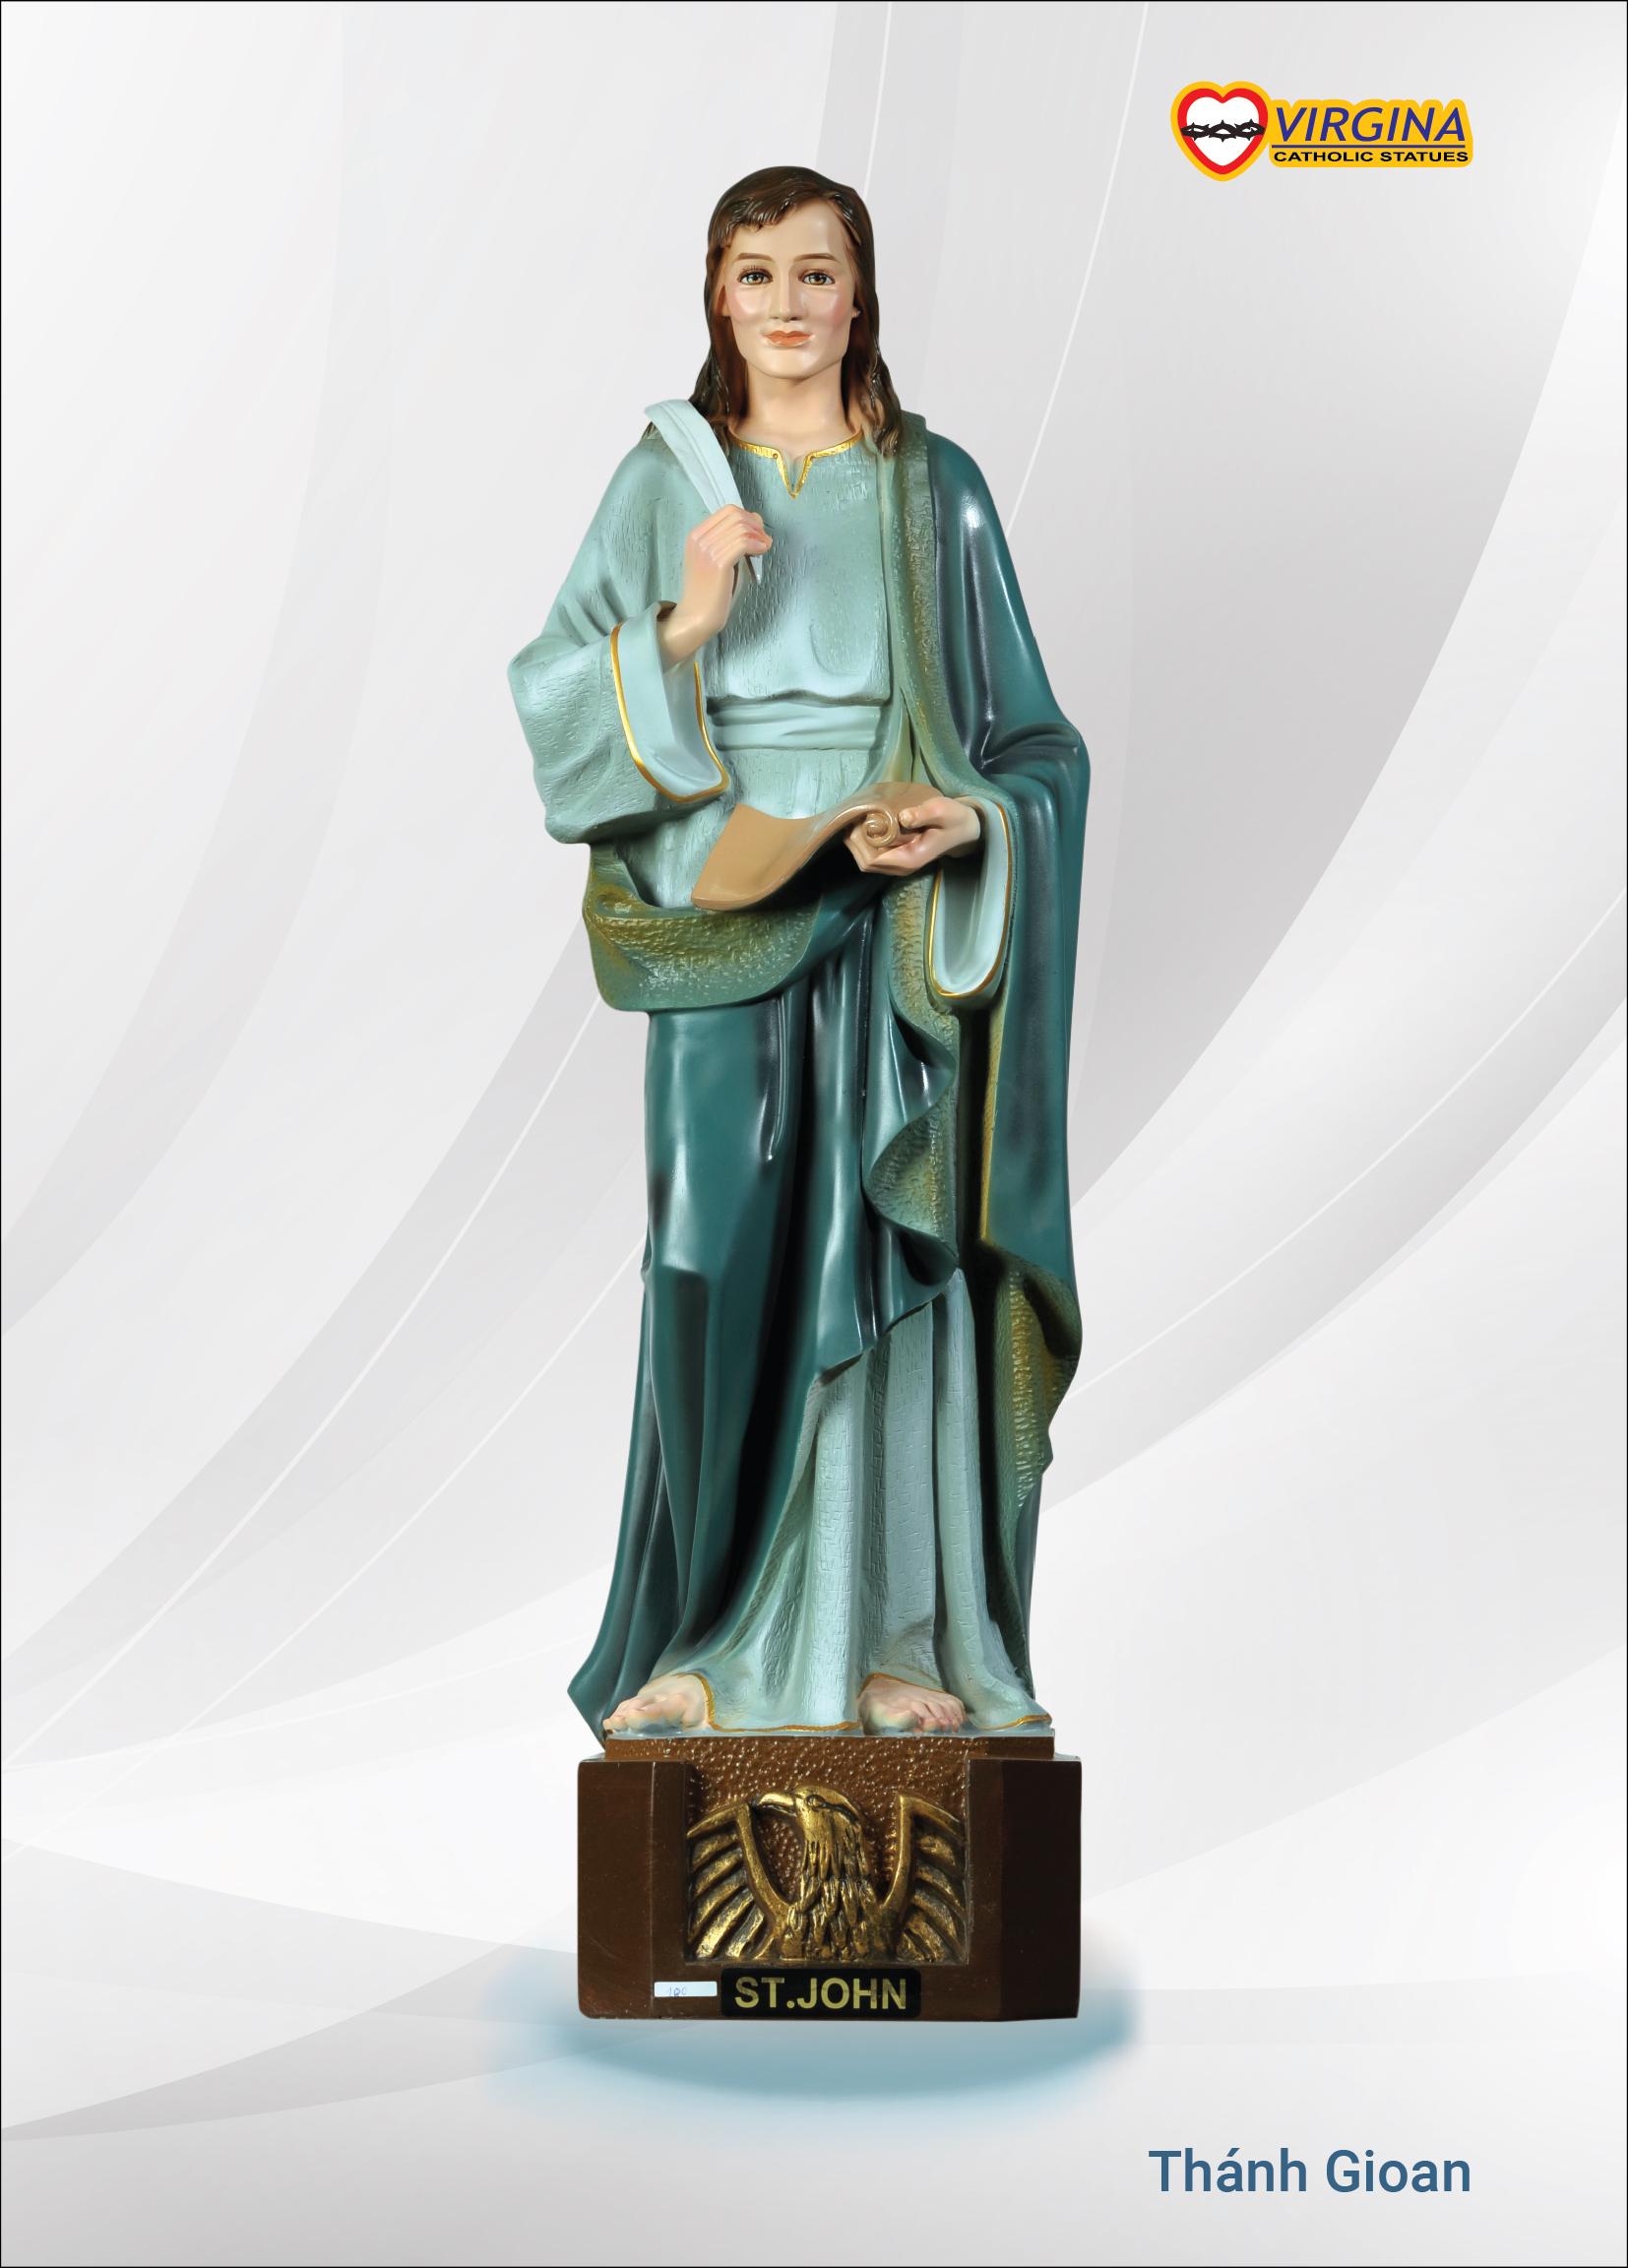 Thánh Gioan